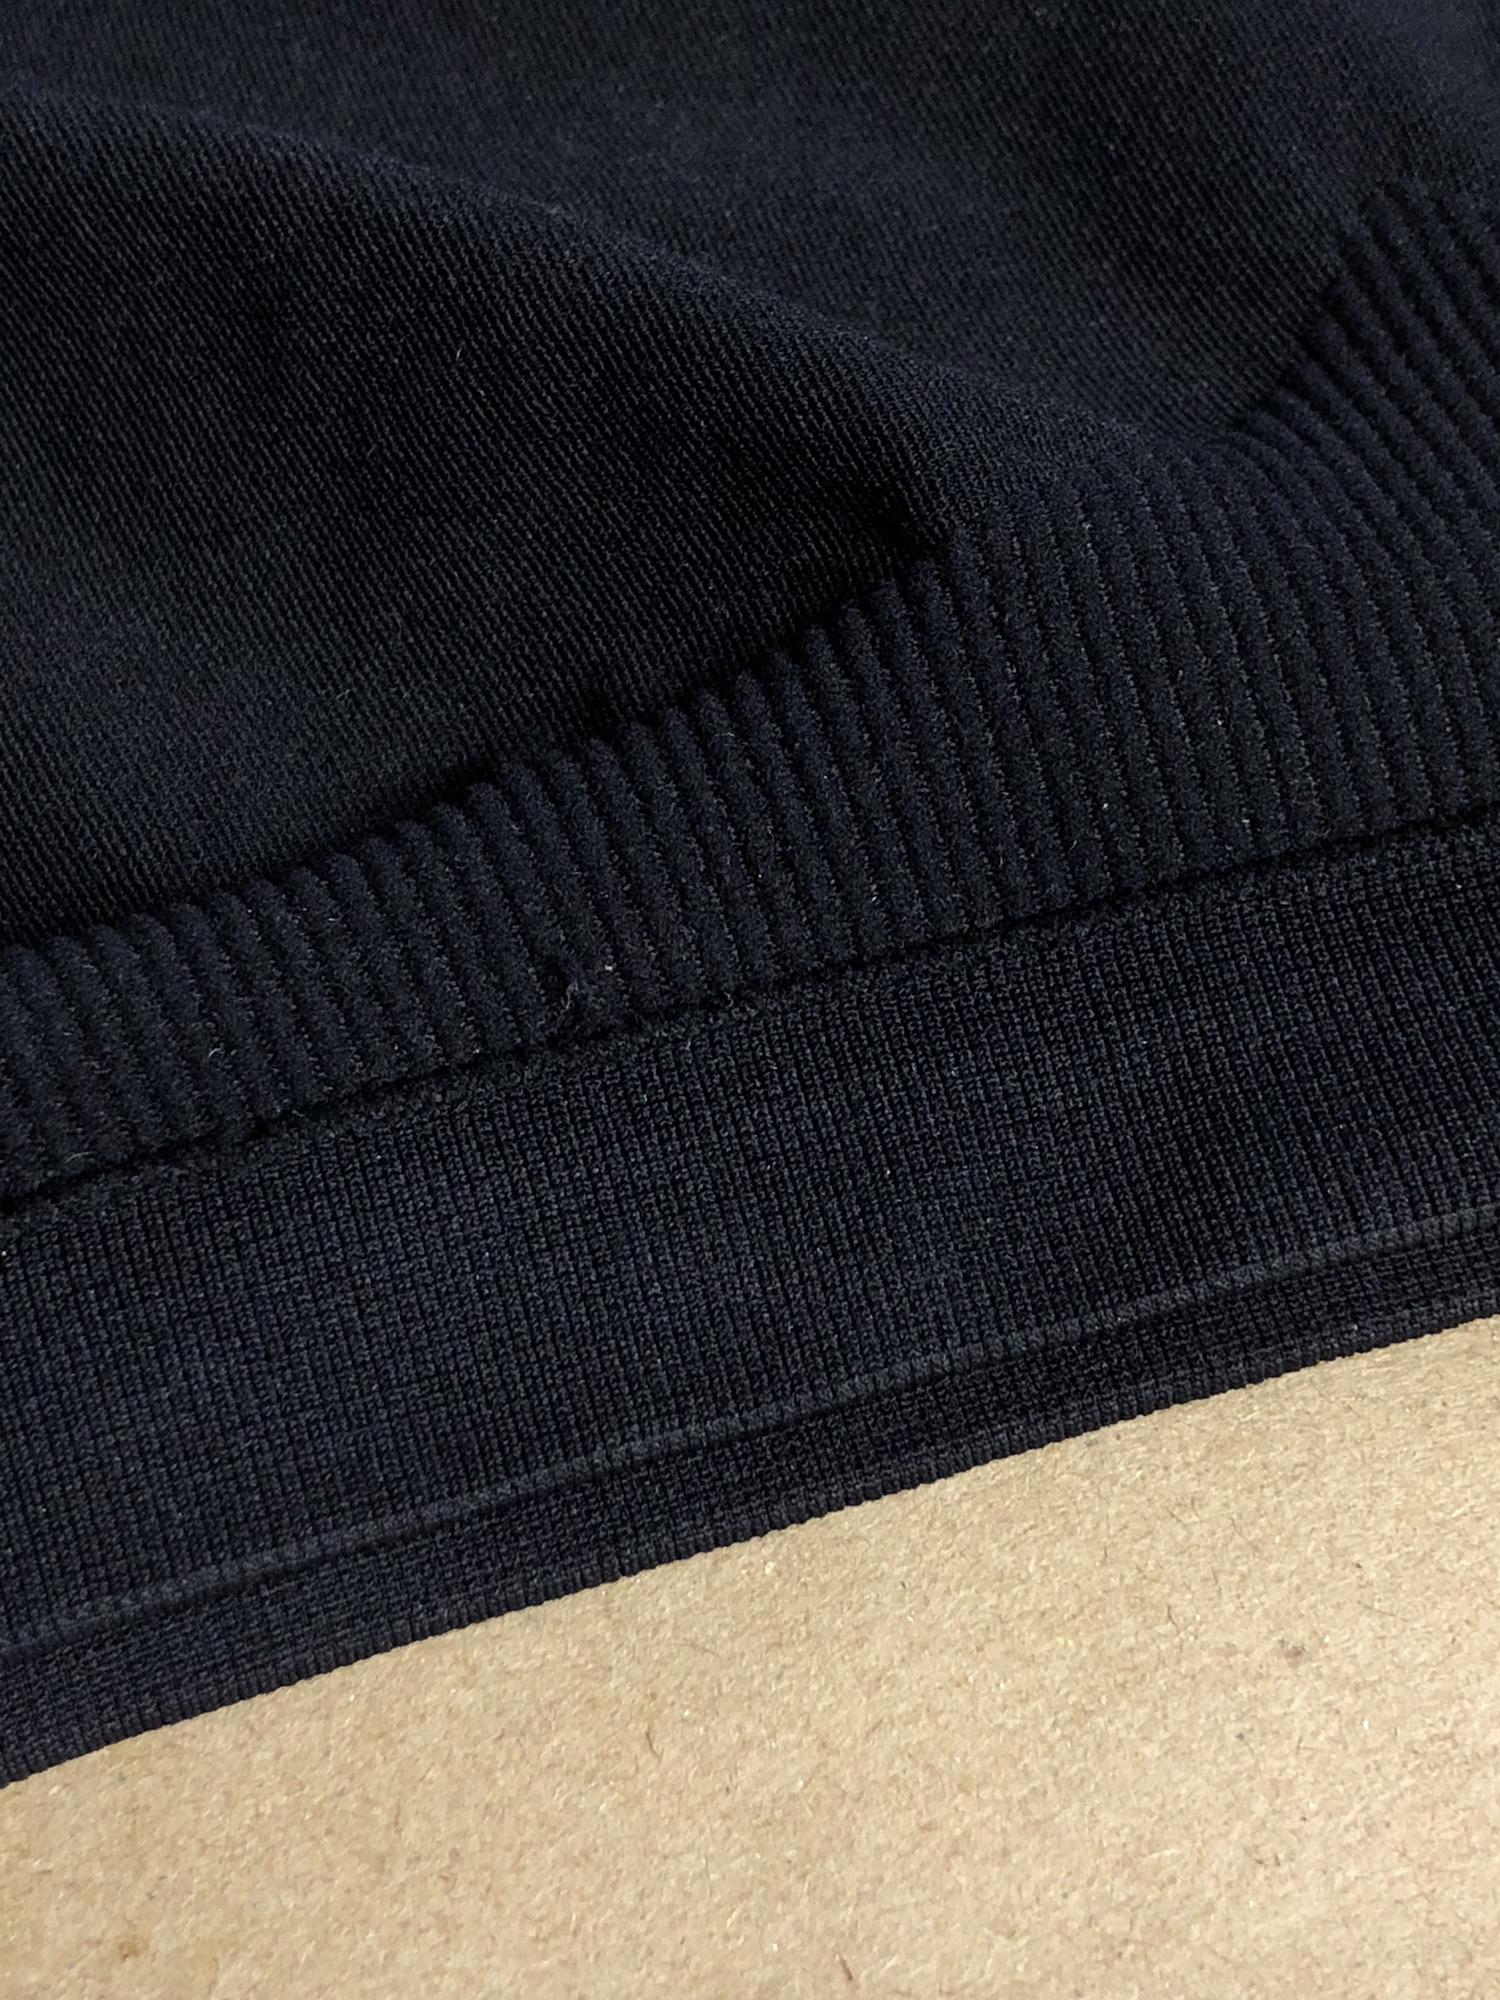 Обзор нижнего белья Flex Underwear